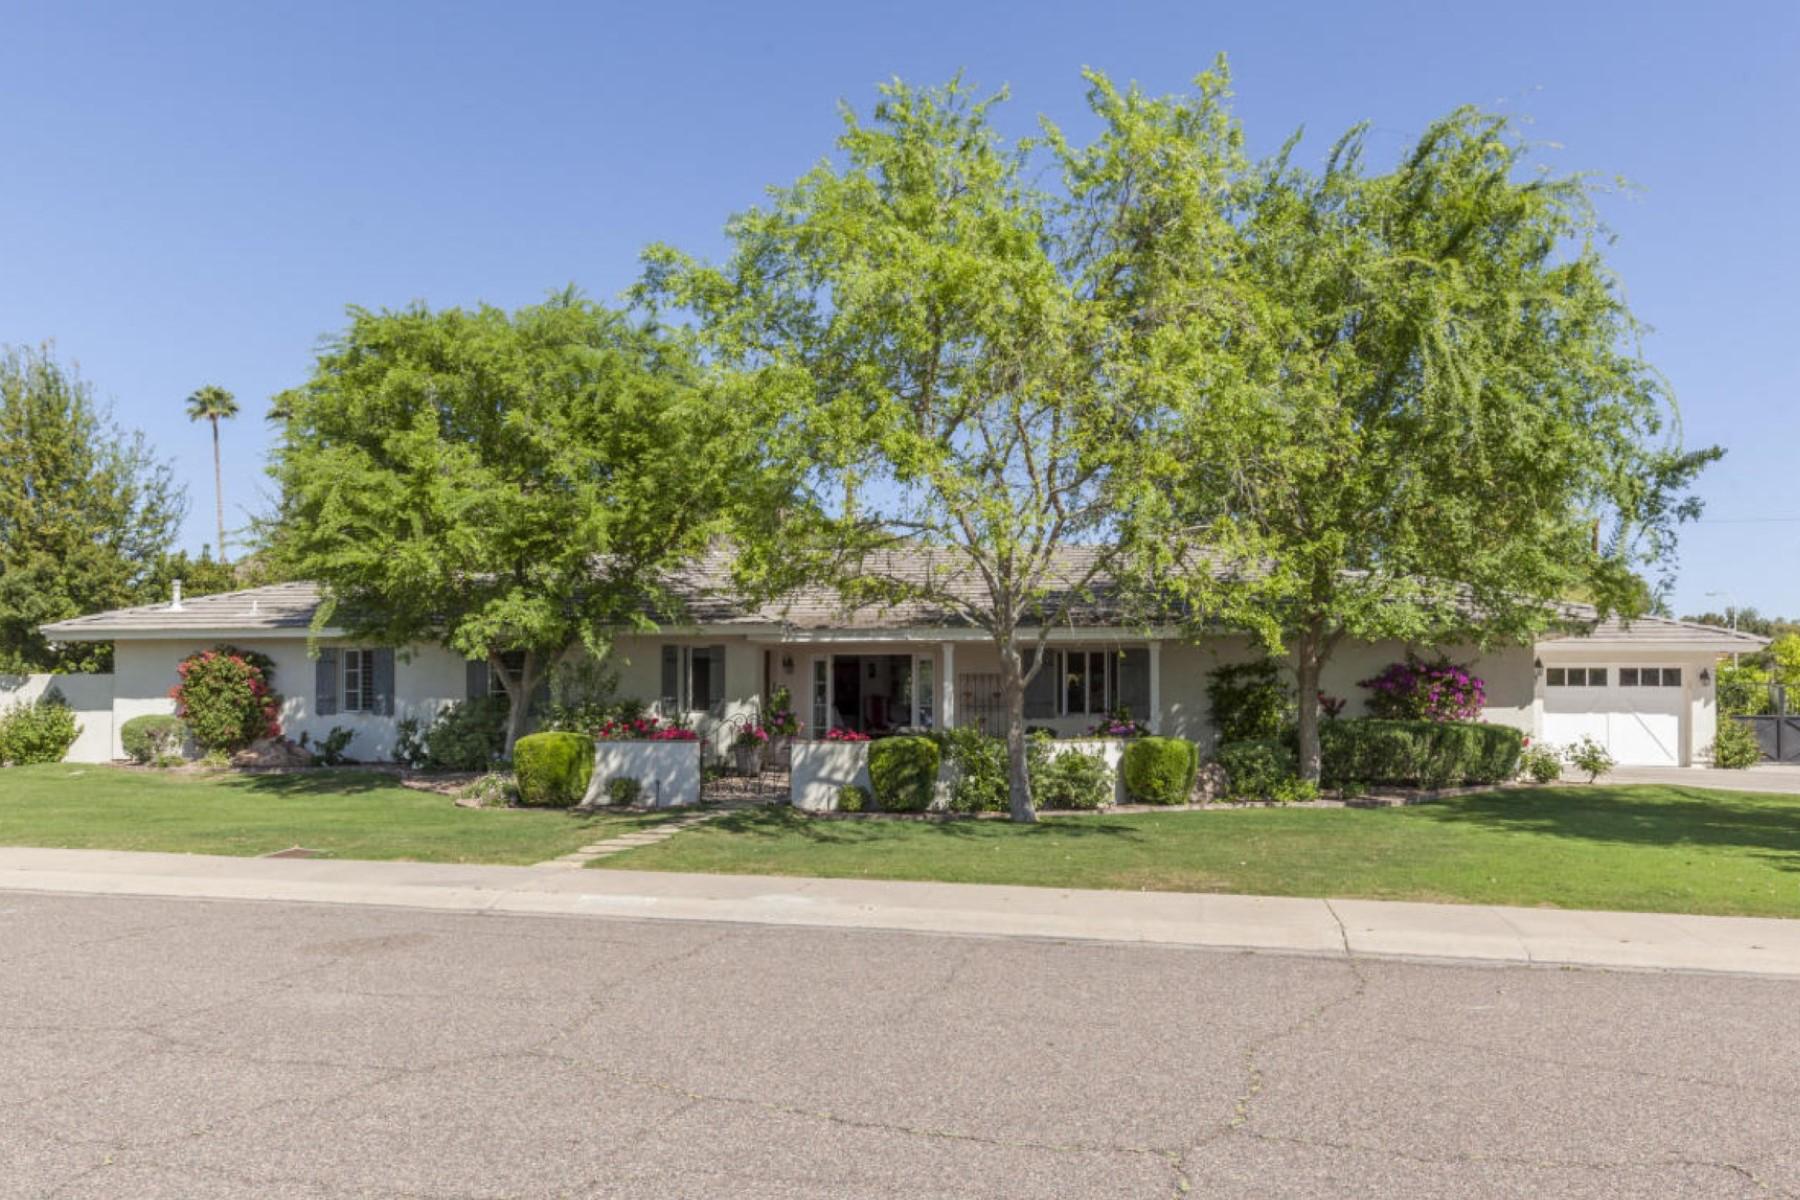 Maison unifamiliale pour l Vente à Wonderful 5 Bedroom Home with Quintessential Arcadia Charm 6140 E Calle Del Sud Scottsdale, Arizona 85251 États-Unis